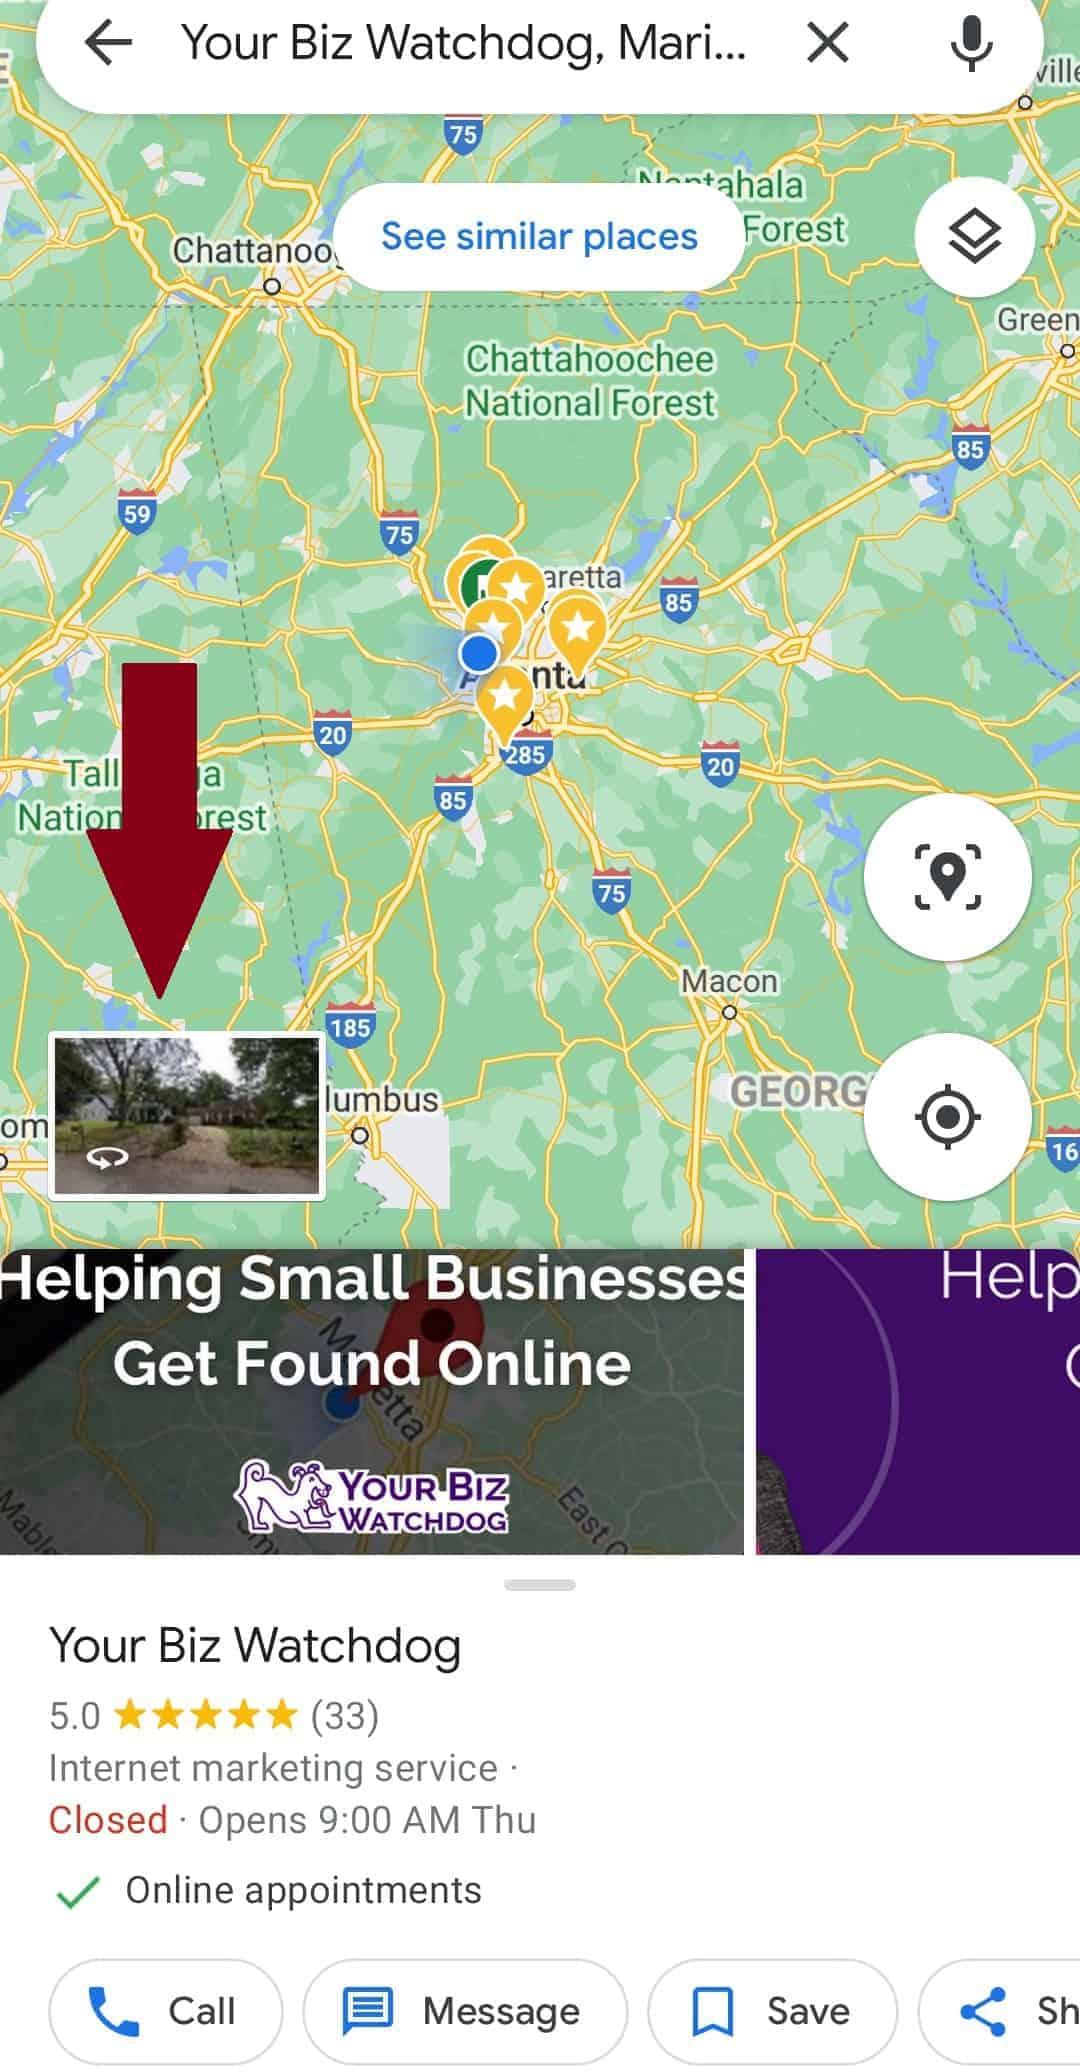 Your biz watchdog google my business profile